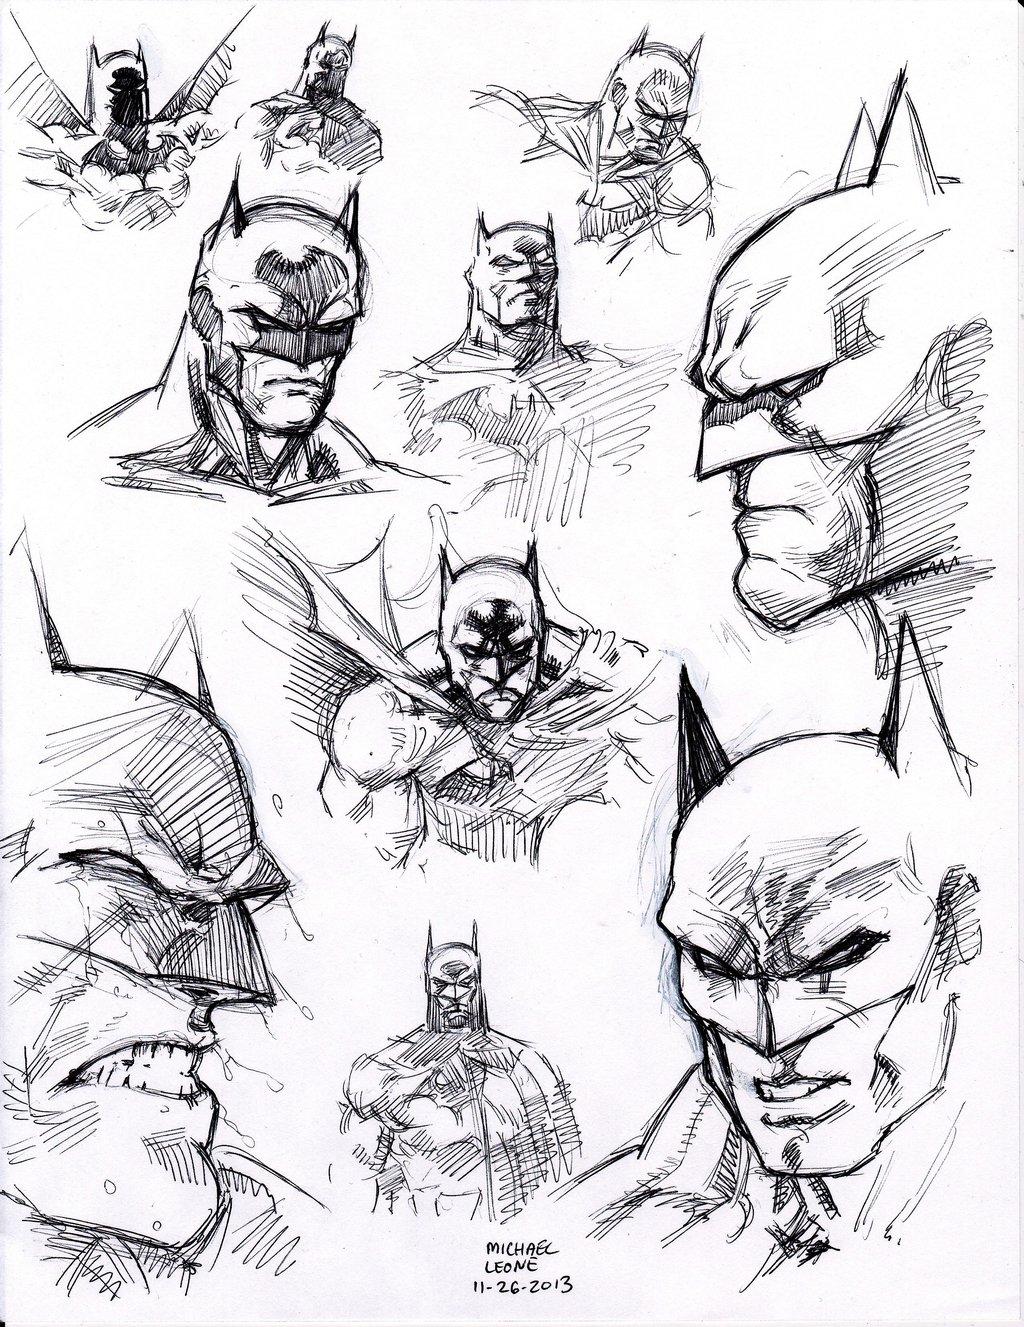 1024x1327 Jim Lee Batman Studies 11 26 2013 By Myconius